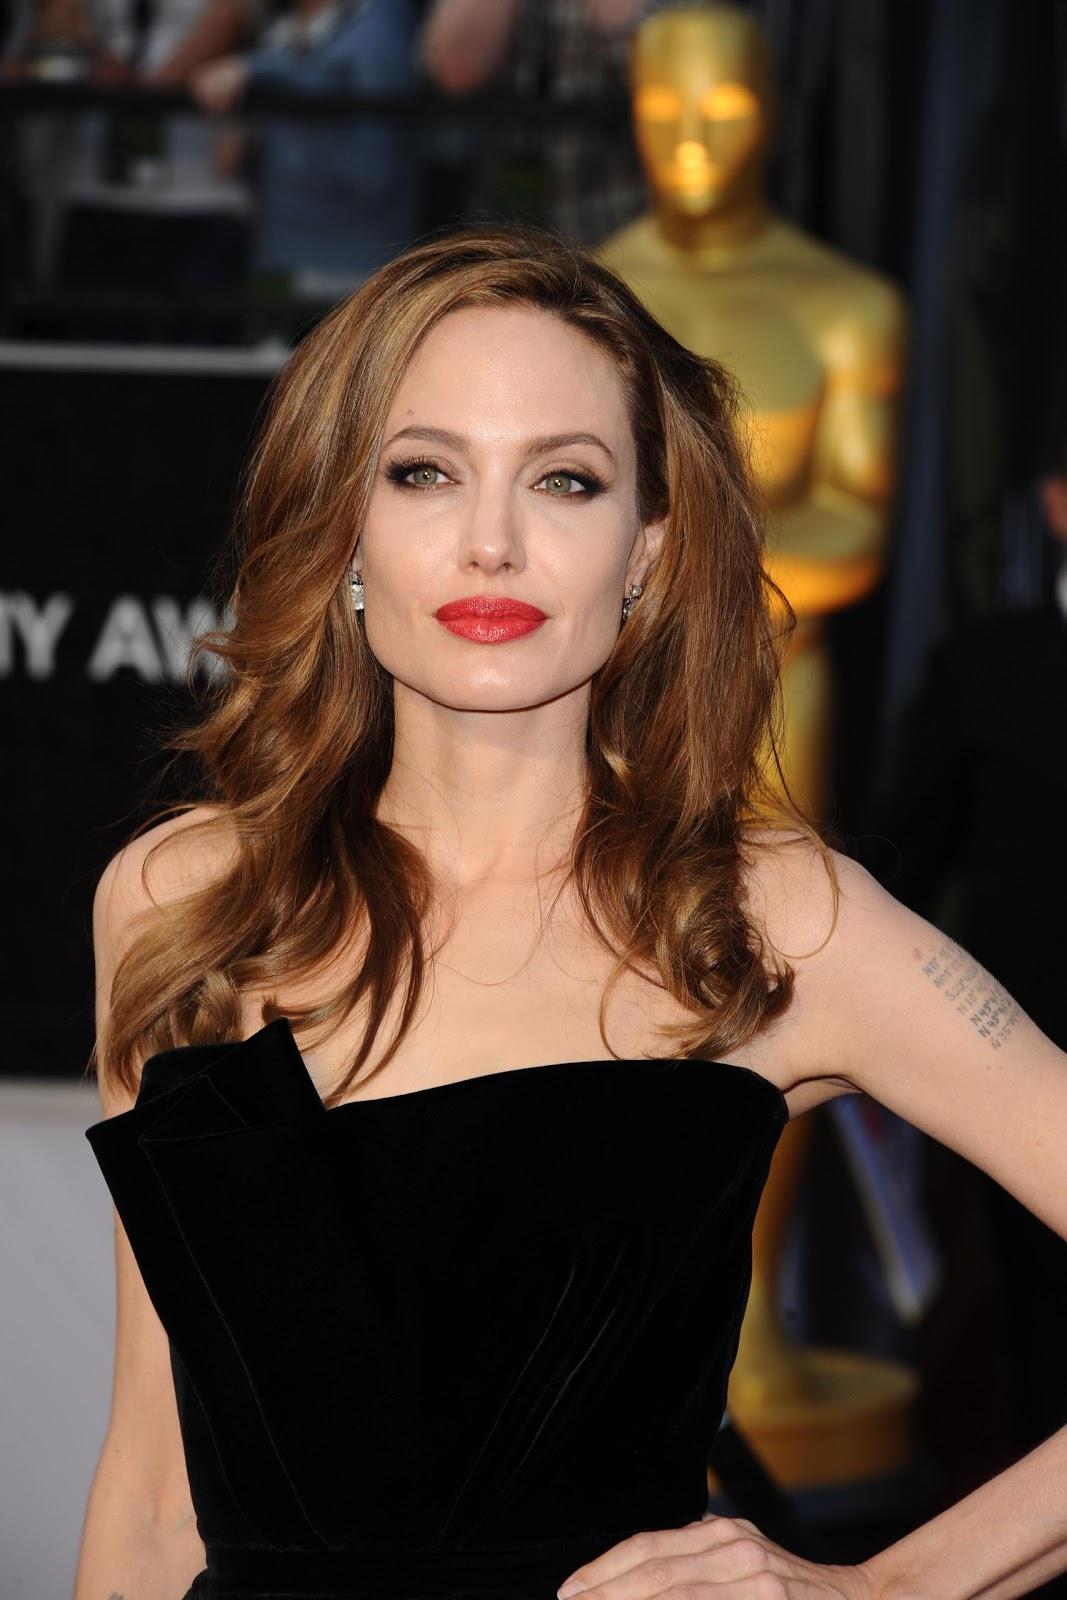 http://2.bp.blogspot.com/-qCED-h52xT0/T0sb6fjcM0I/AAAAAAAAAh8/O_Czk7gTNAs/s1600/Angelina+Jolie++StartraksPhoto.com_Worldwide+PR+Rights_Expires+Feb+26+2013.jpg